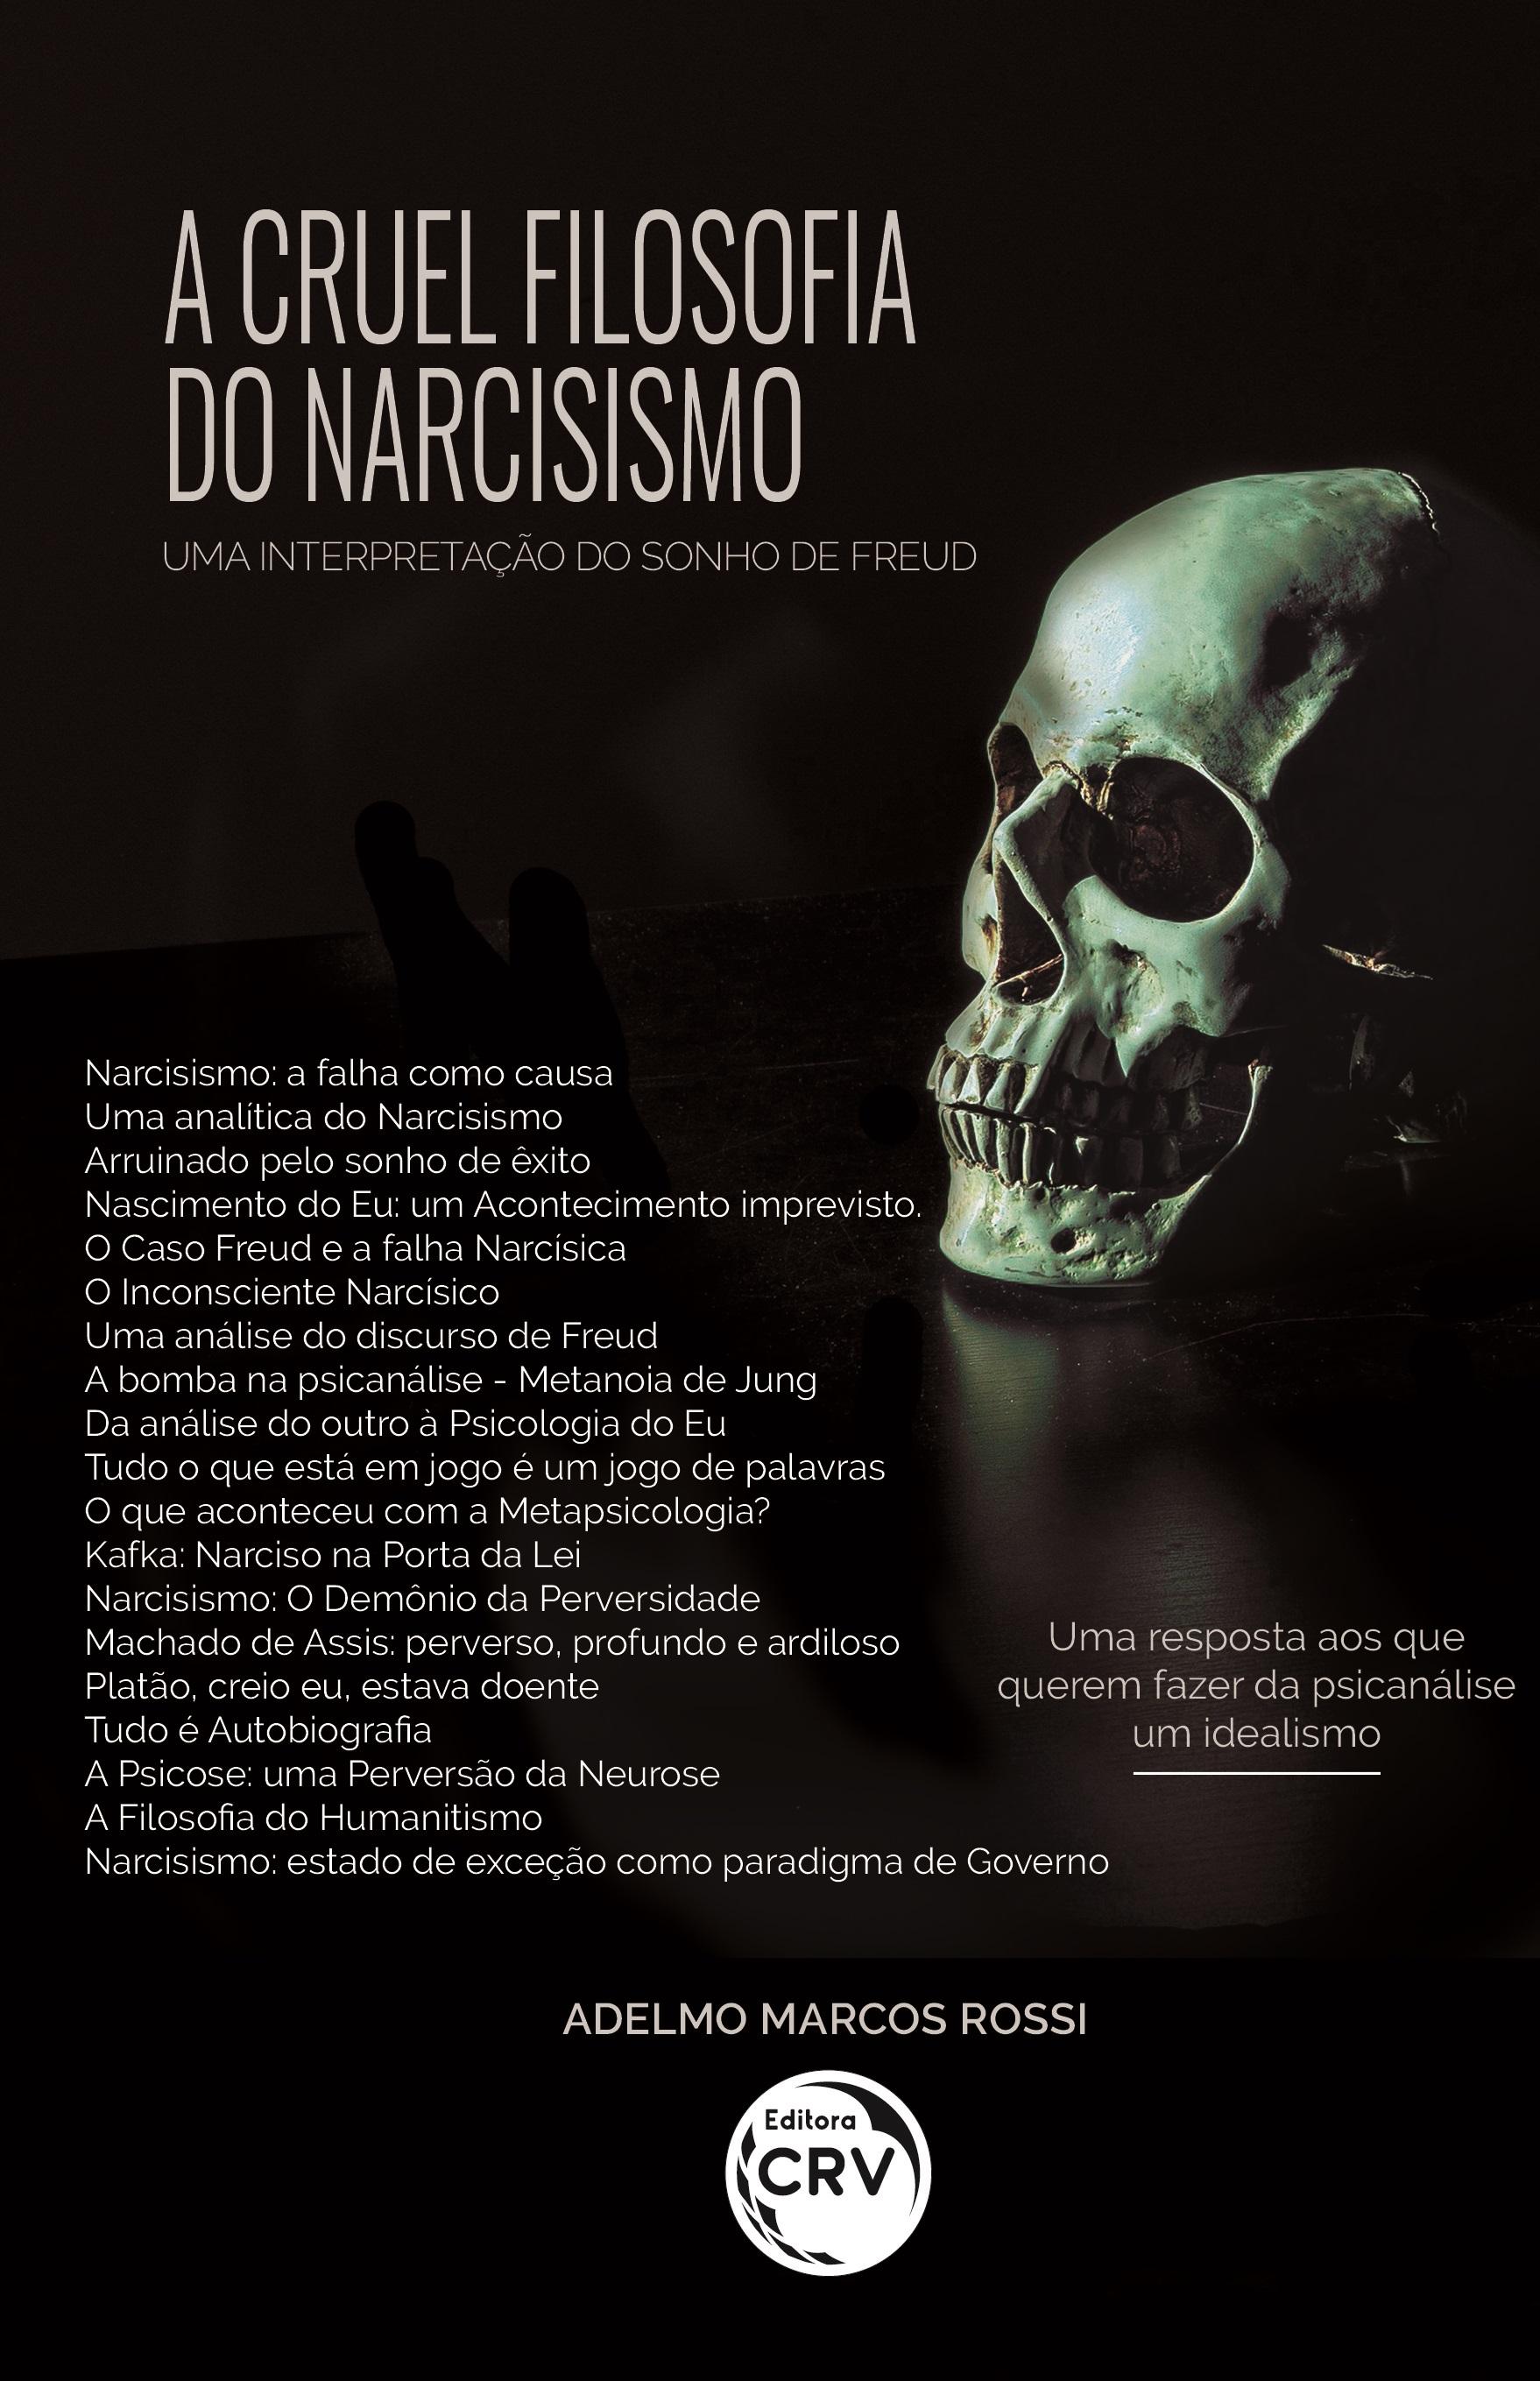 Capa do livro: A CRUEL FILOSOFIA DO NARCISISMO:<br> Uma interpretação do sonho de Freud